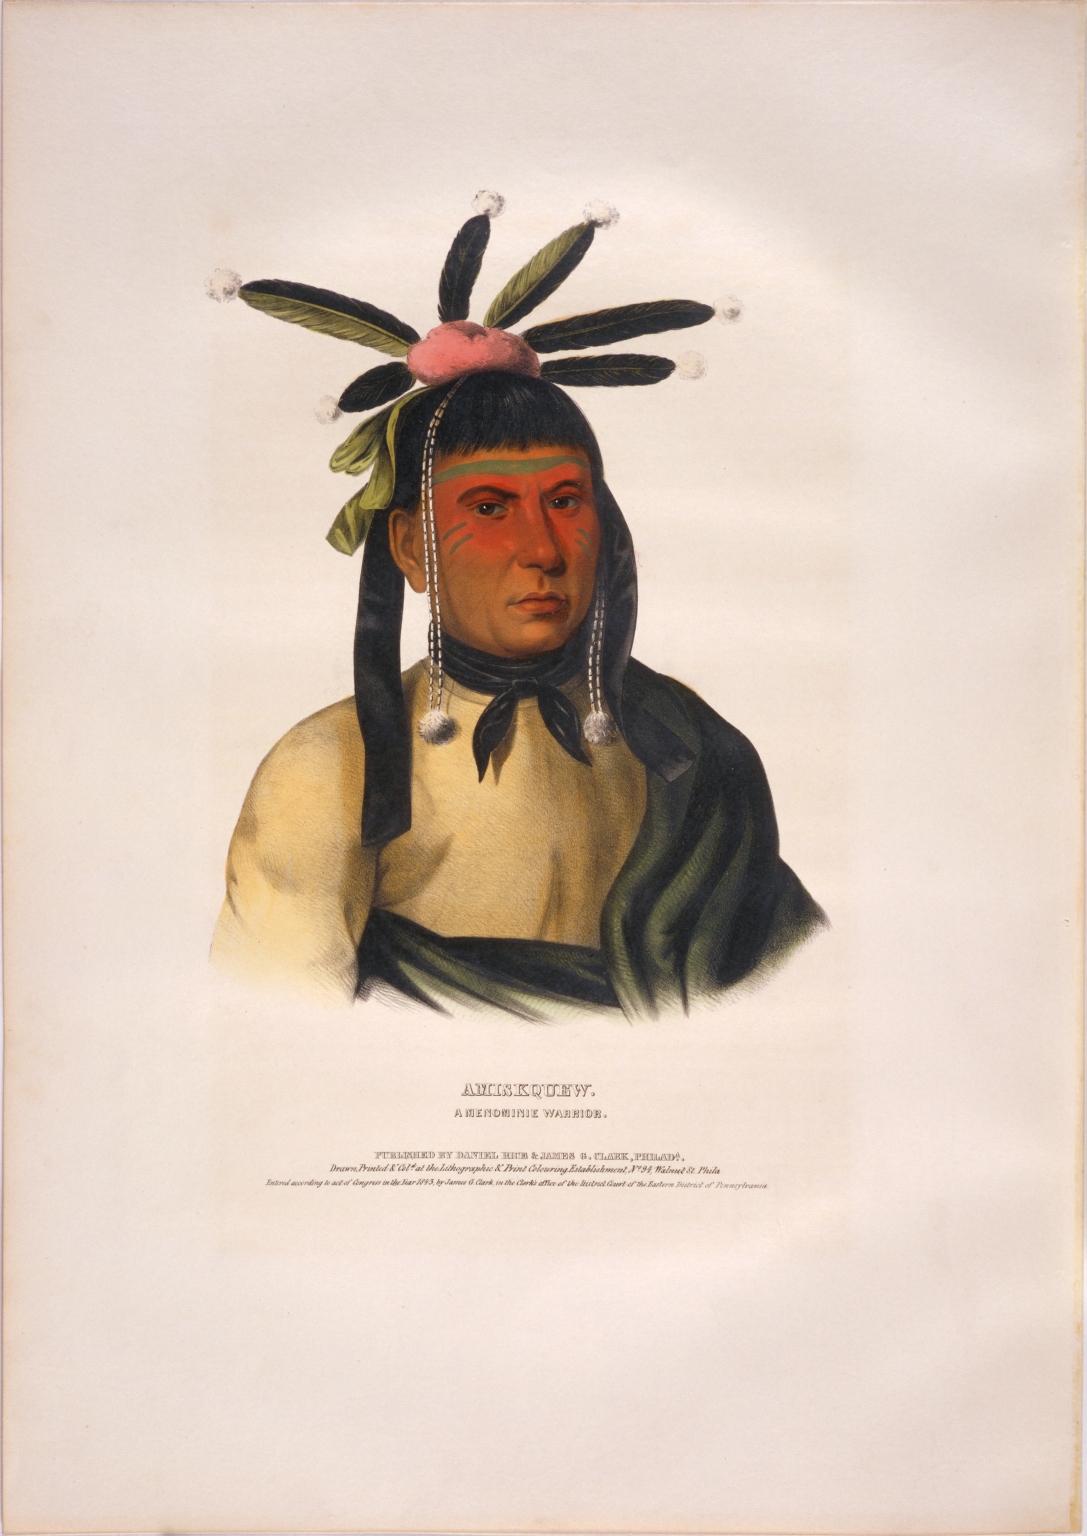 Amiskquew, a Menominie warrior